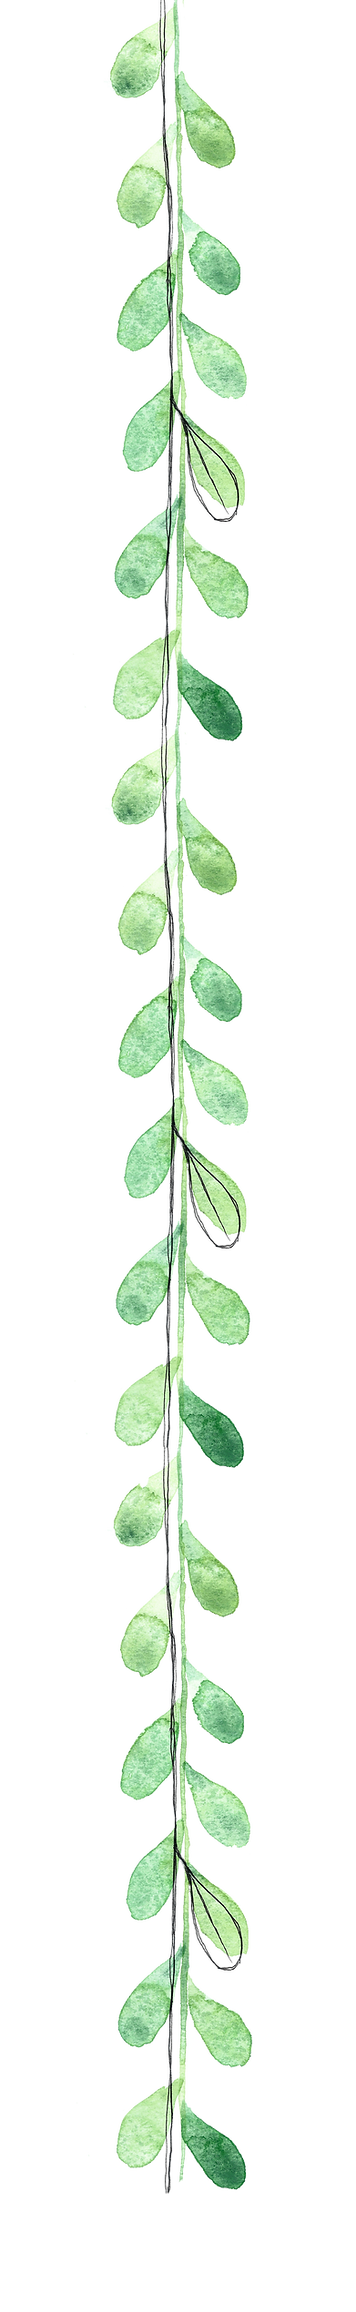 vines for website.png